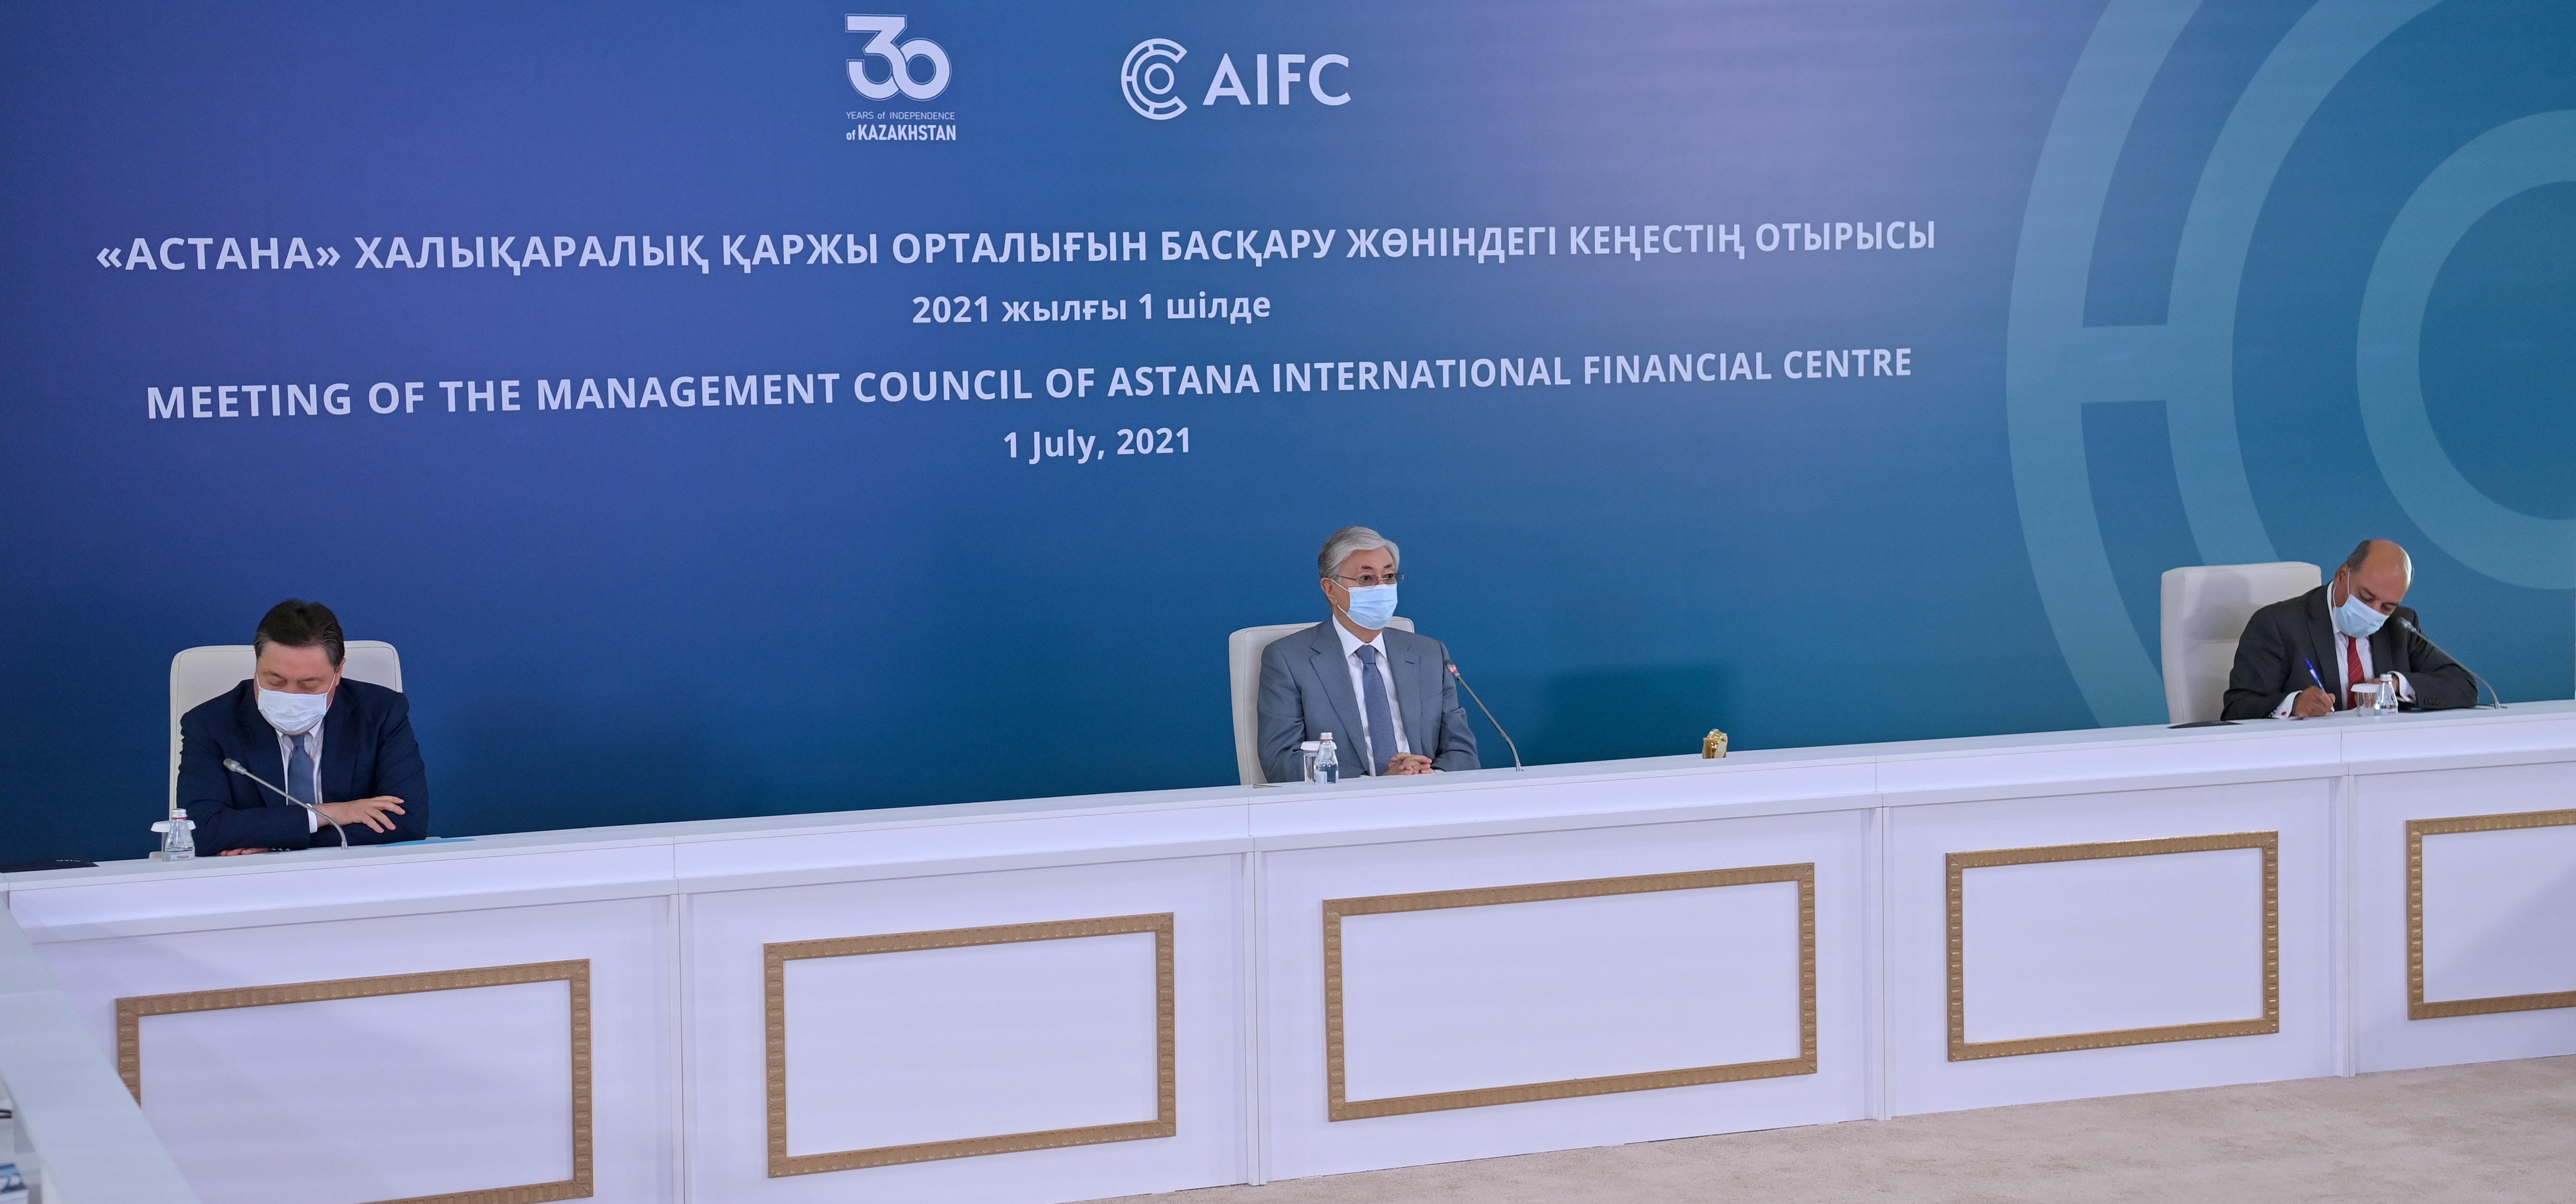 Касым-Жомарт Токаев одобрил предложение о выпуске государственных ценных бумаг на бирже МФЦА